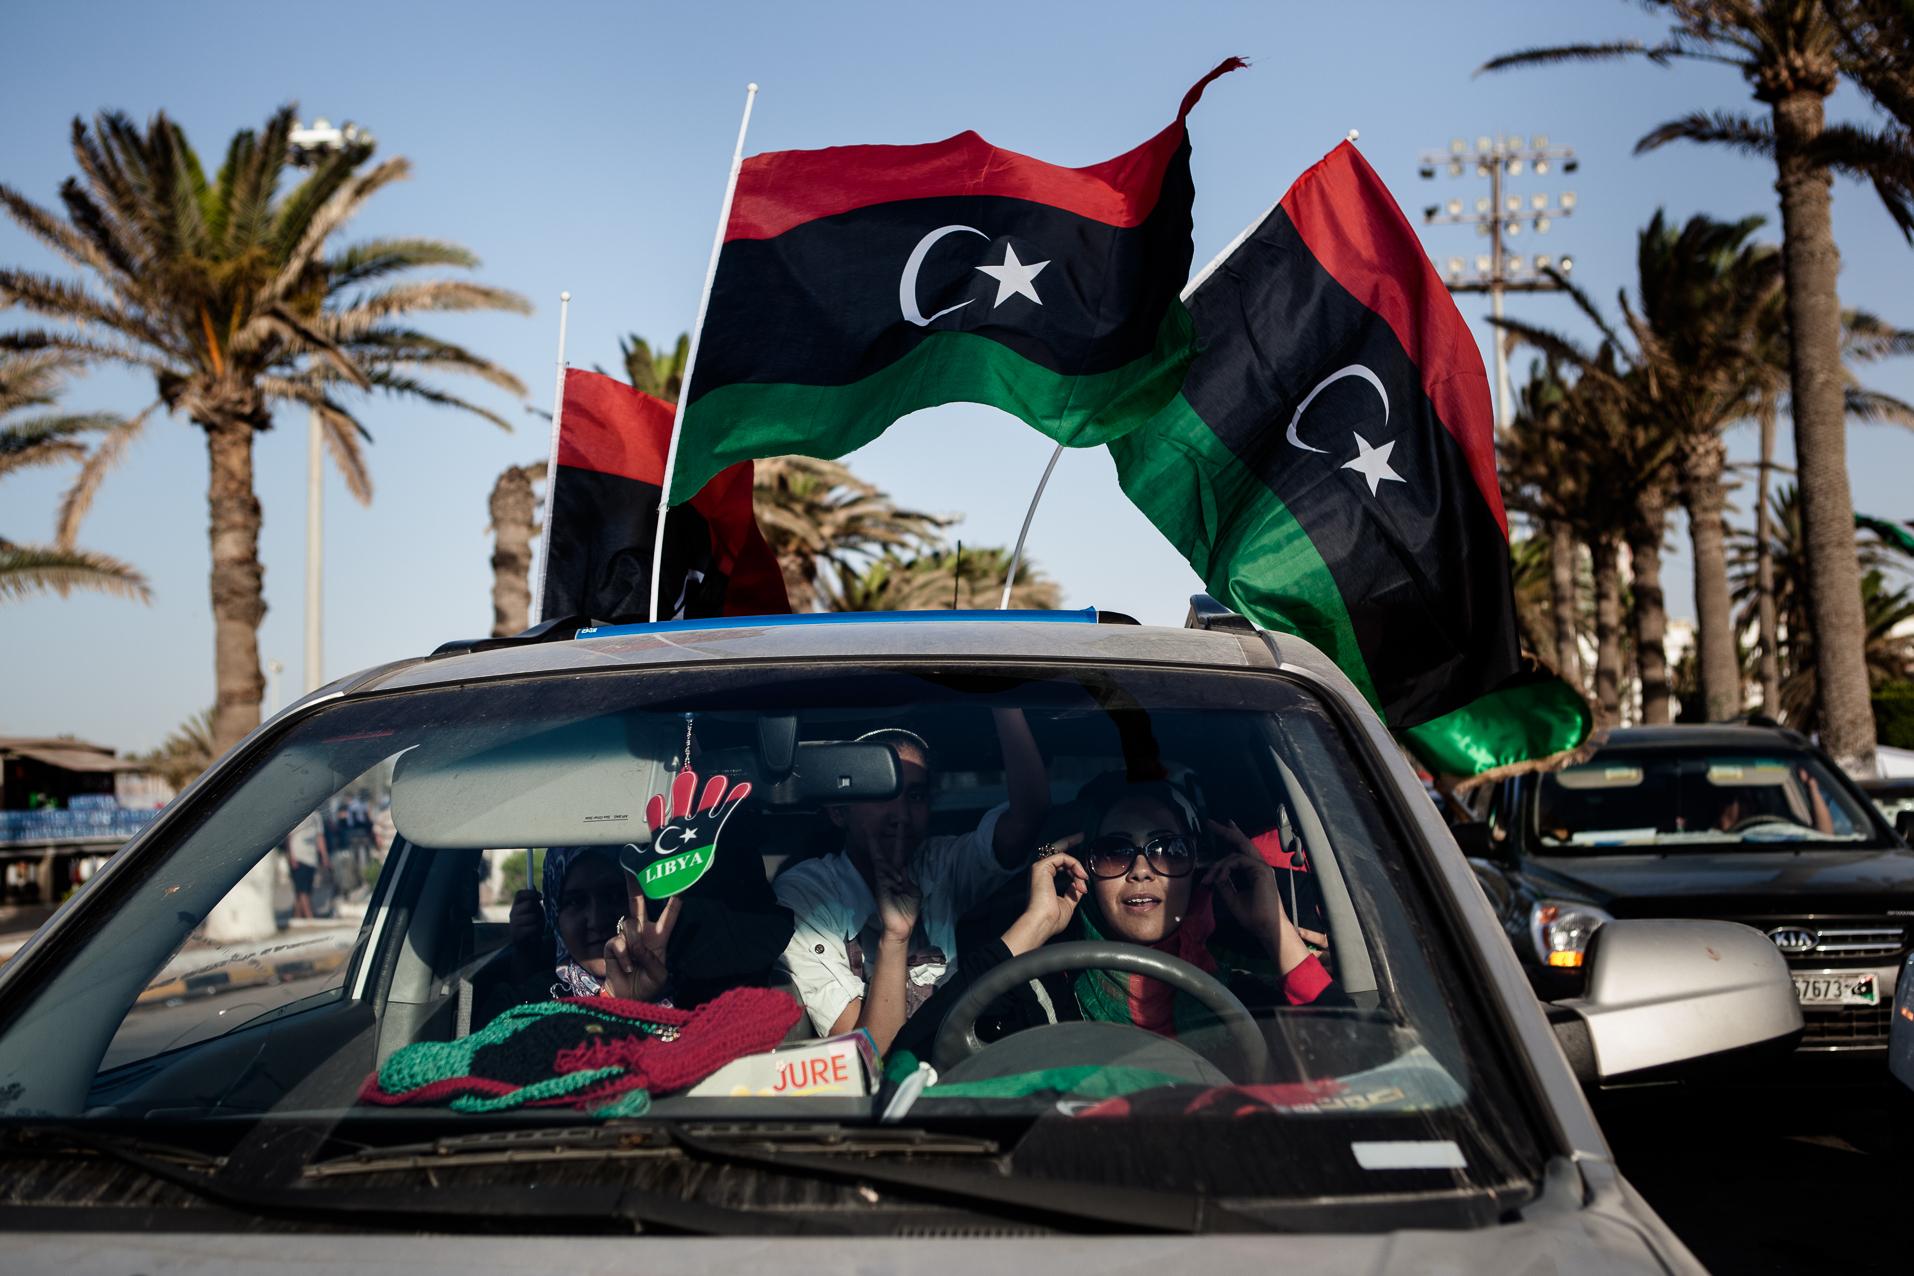 Tripoli, 7 juillet 2012, célébrations sur a place verte de Tripoli, pour les élections législatives.  Tripoli, July 7, 2012, celebrations in Green Square in Tripoli for the first elections.